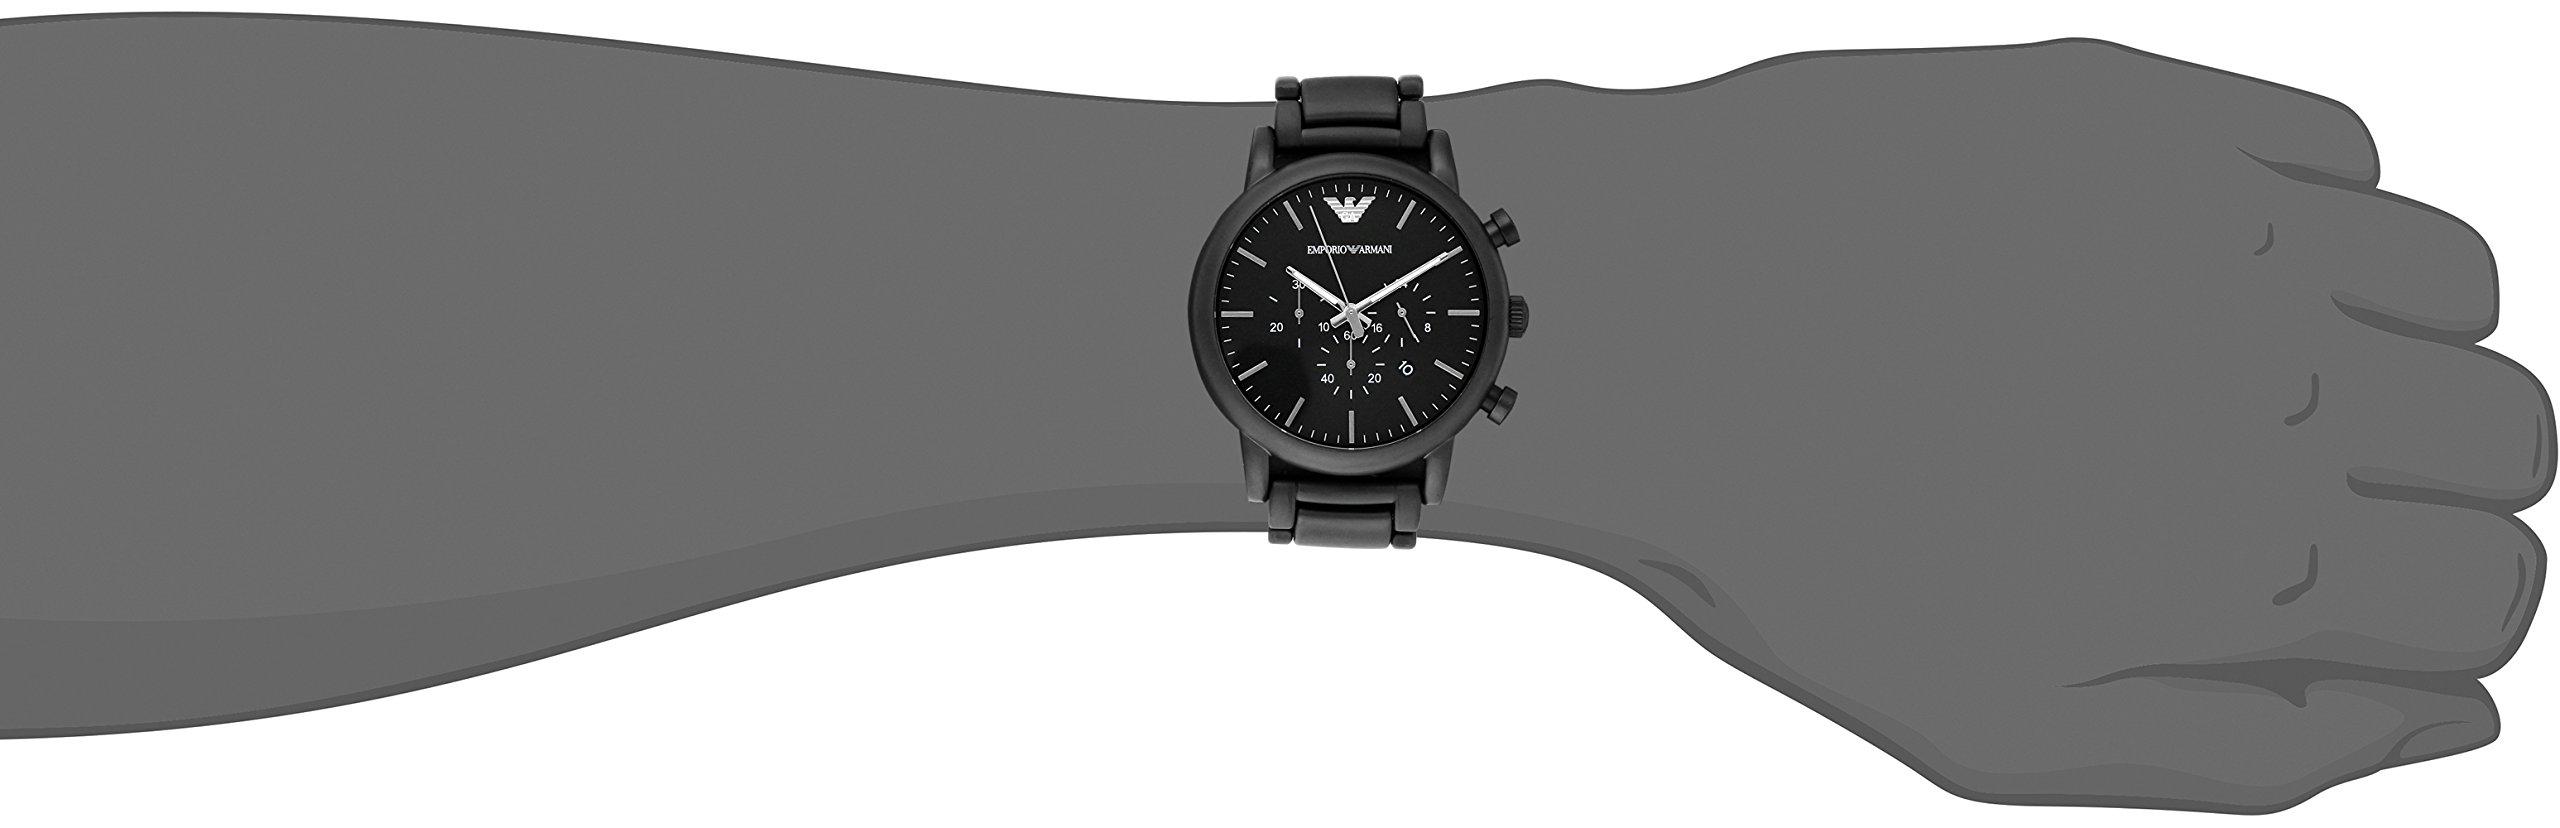 Emporio Armani Classic Chronograph Reloj